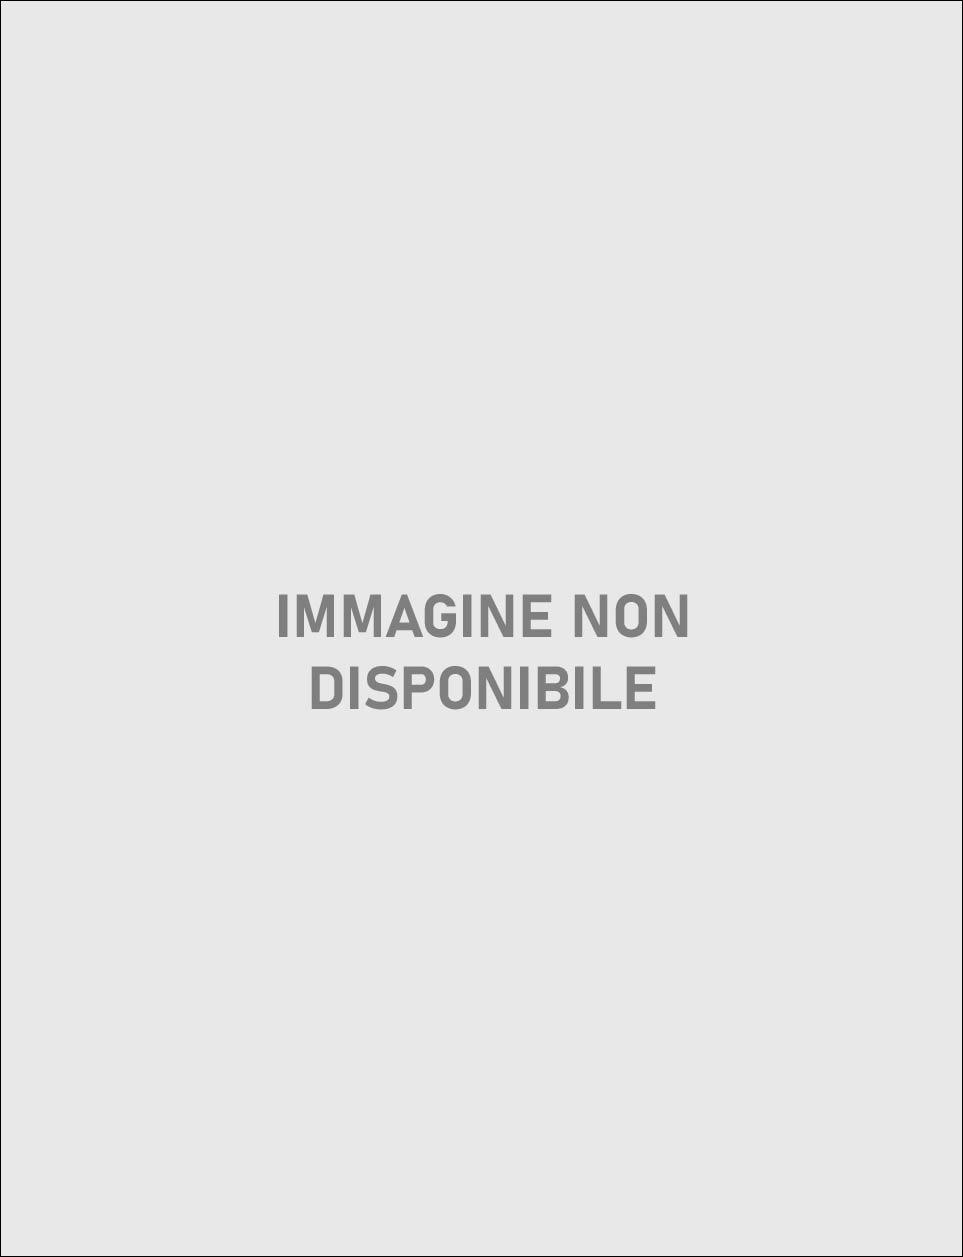 Maglia trasparente rosa